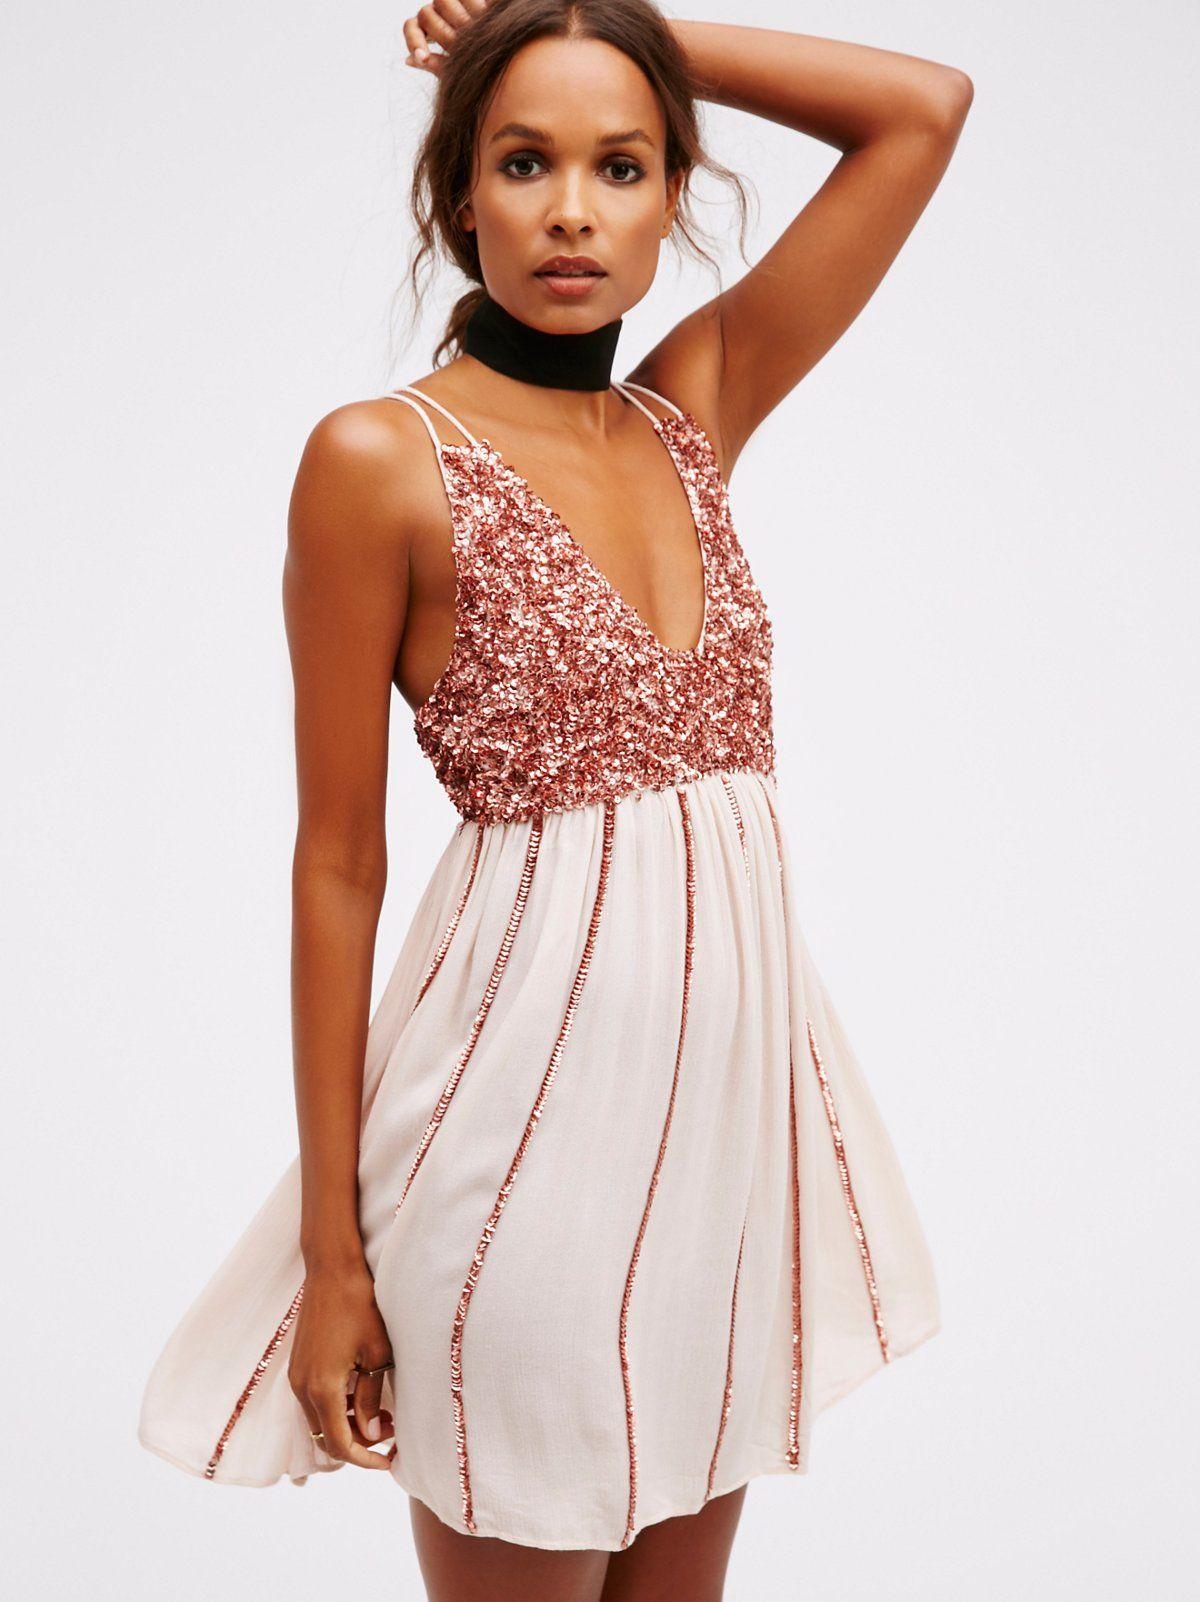 Glitter Girl Slip | Pinterest | Abendmode, Kleider und Nähen